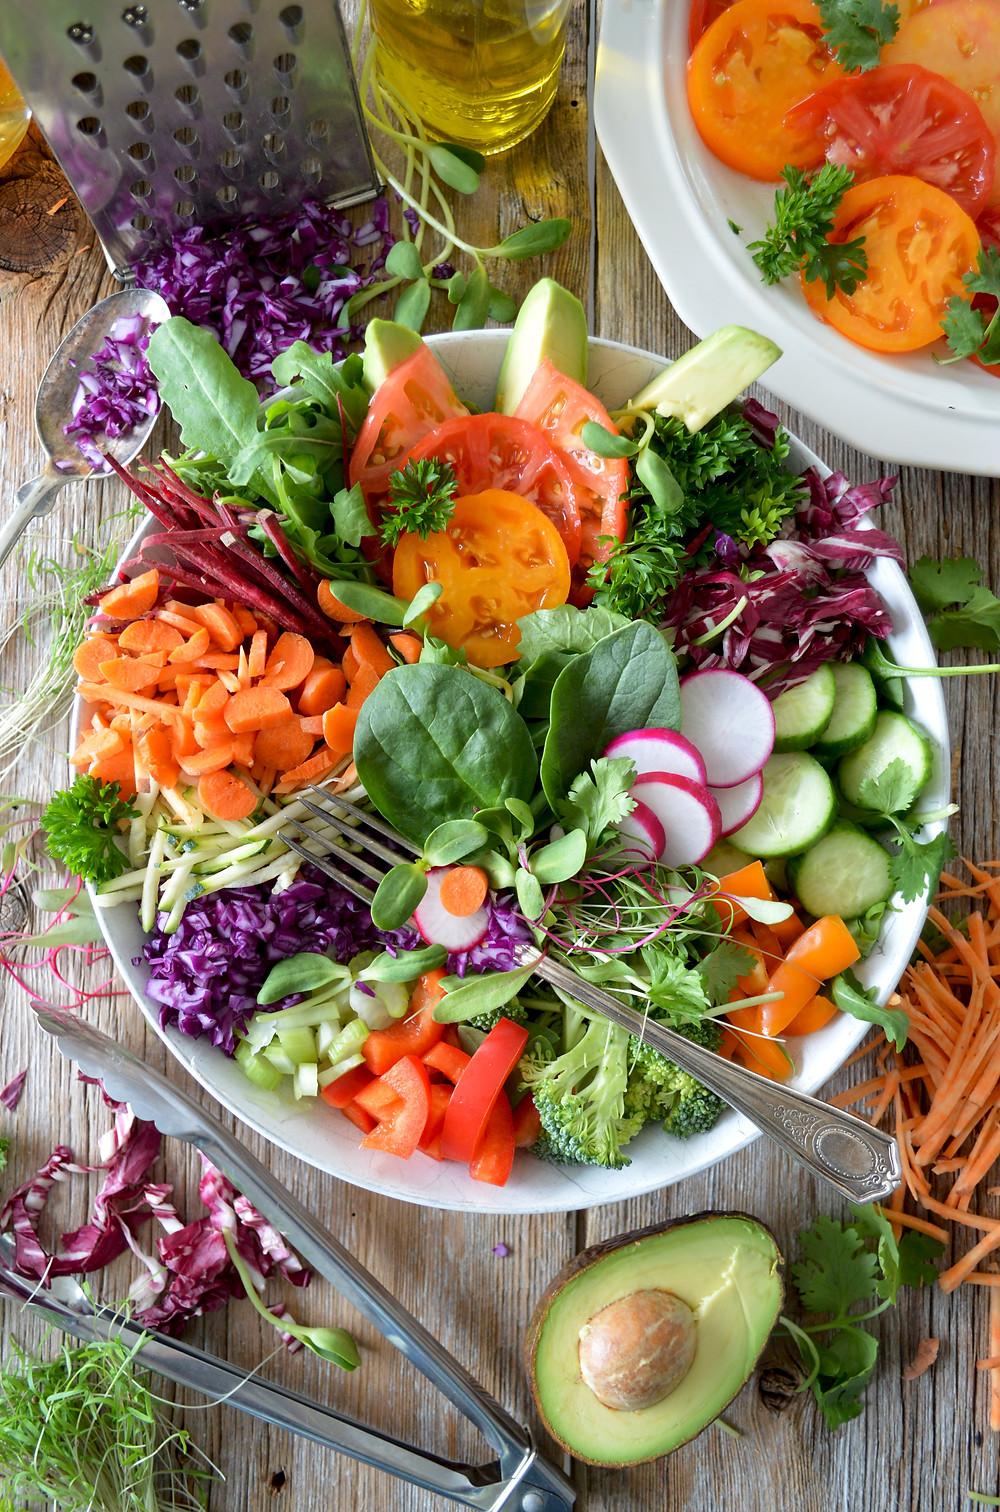 A tasty looking salad